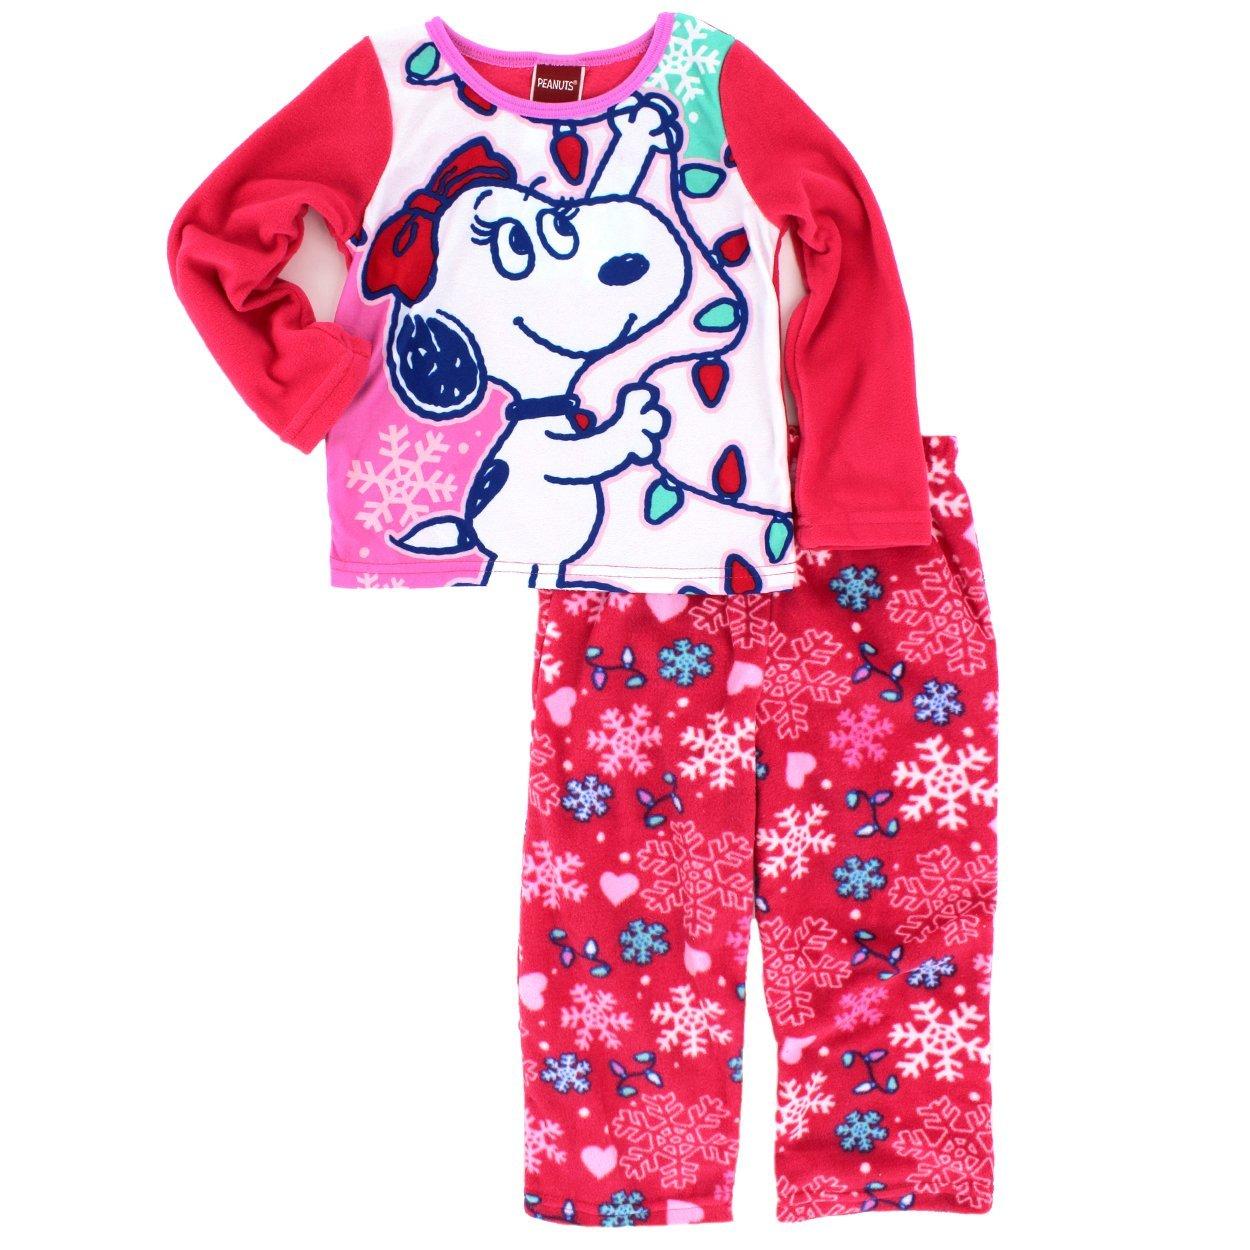 547bf98219 Amazon.com  Peanuts Snoopy Girls Fleece Pajamas (4